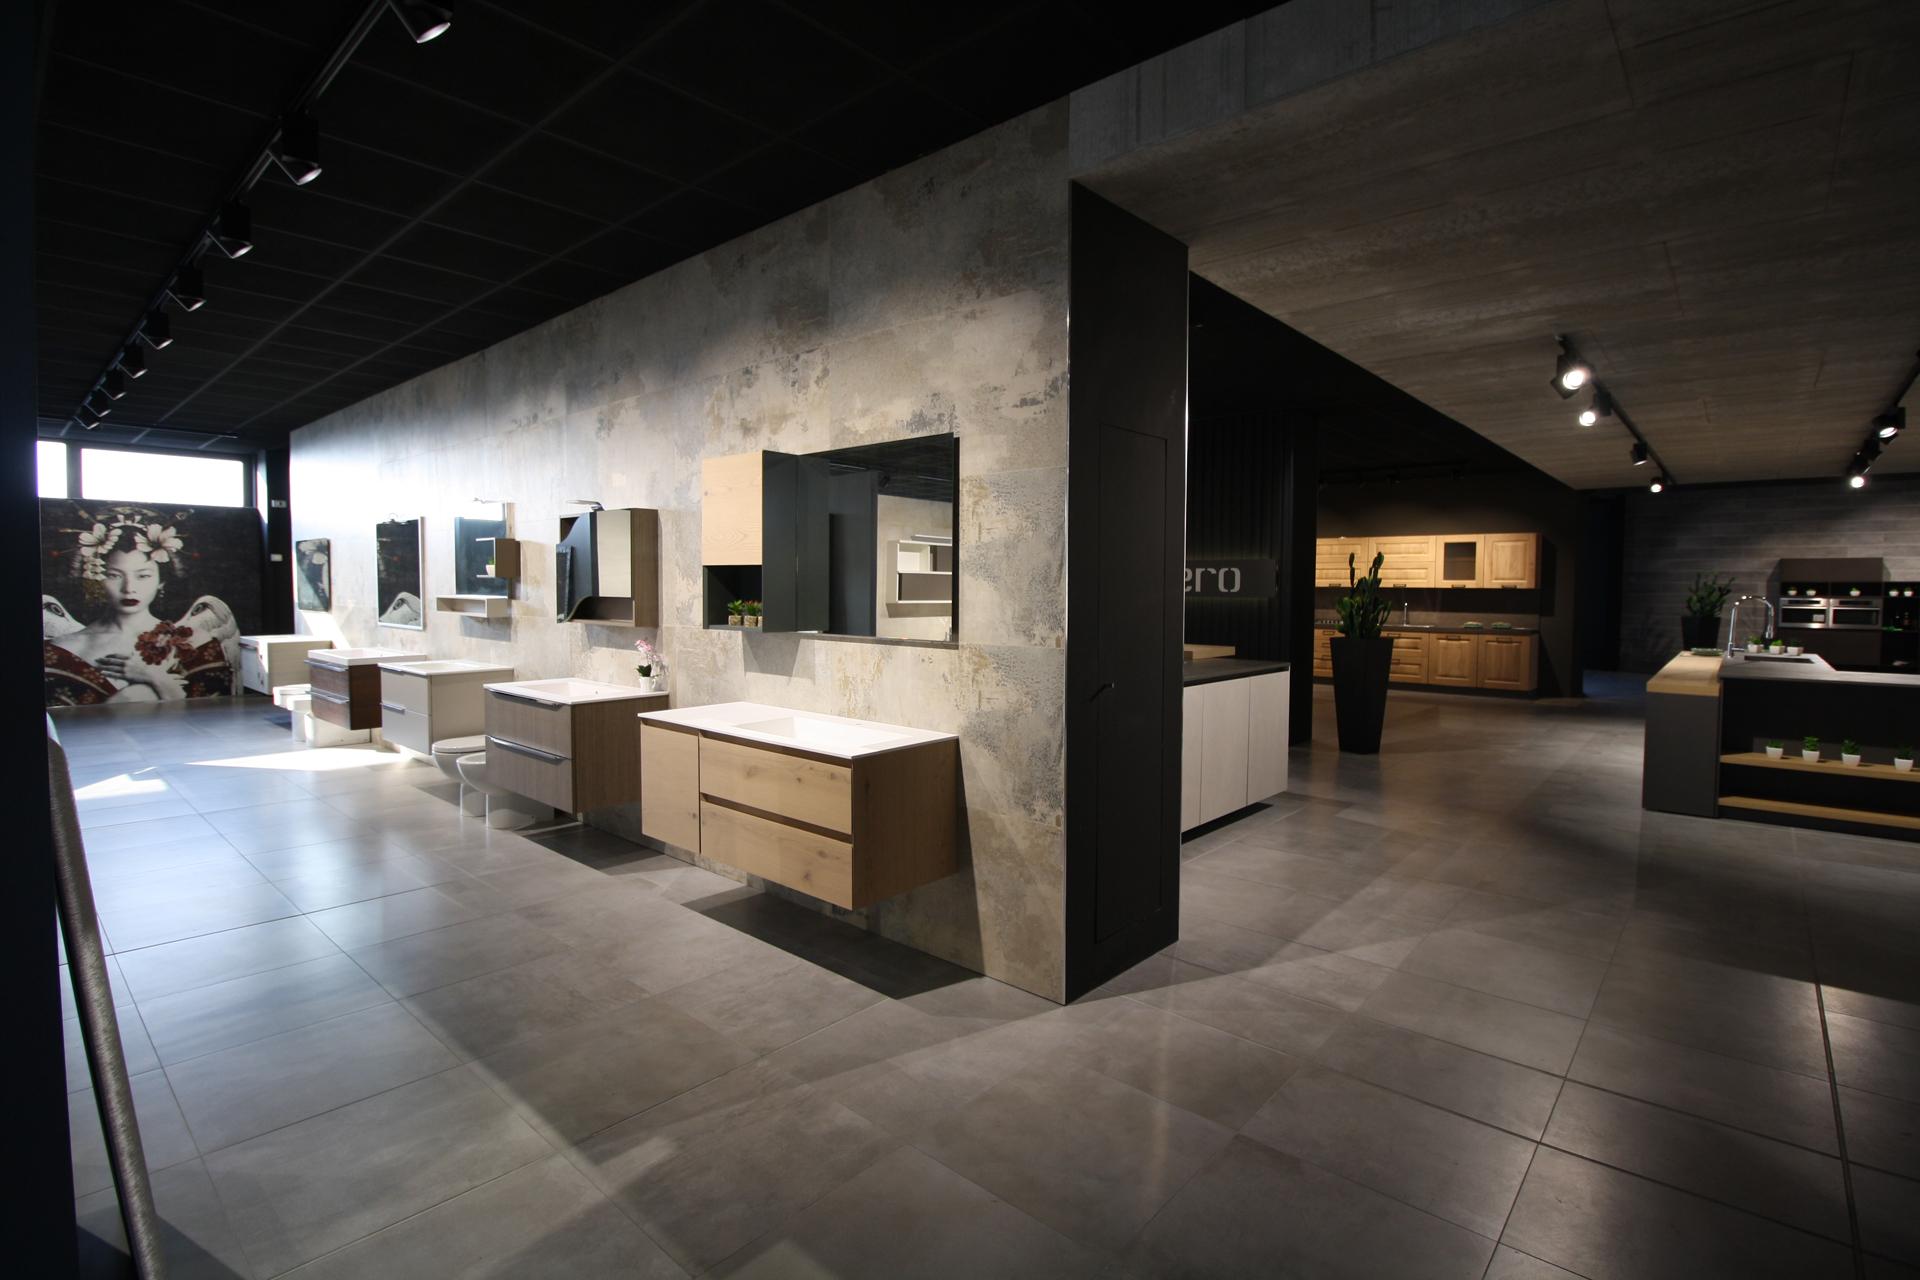 nuovo showroom cucine e arredo bagno - progettazioneinterni.net - Miotto Arredo Bagno